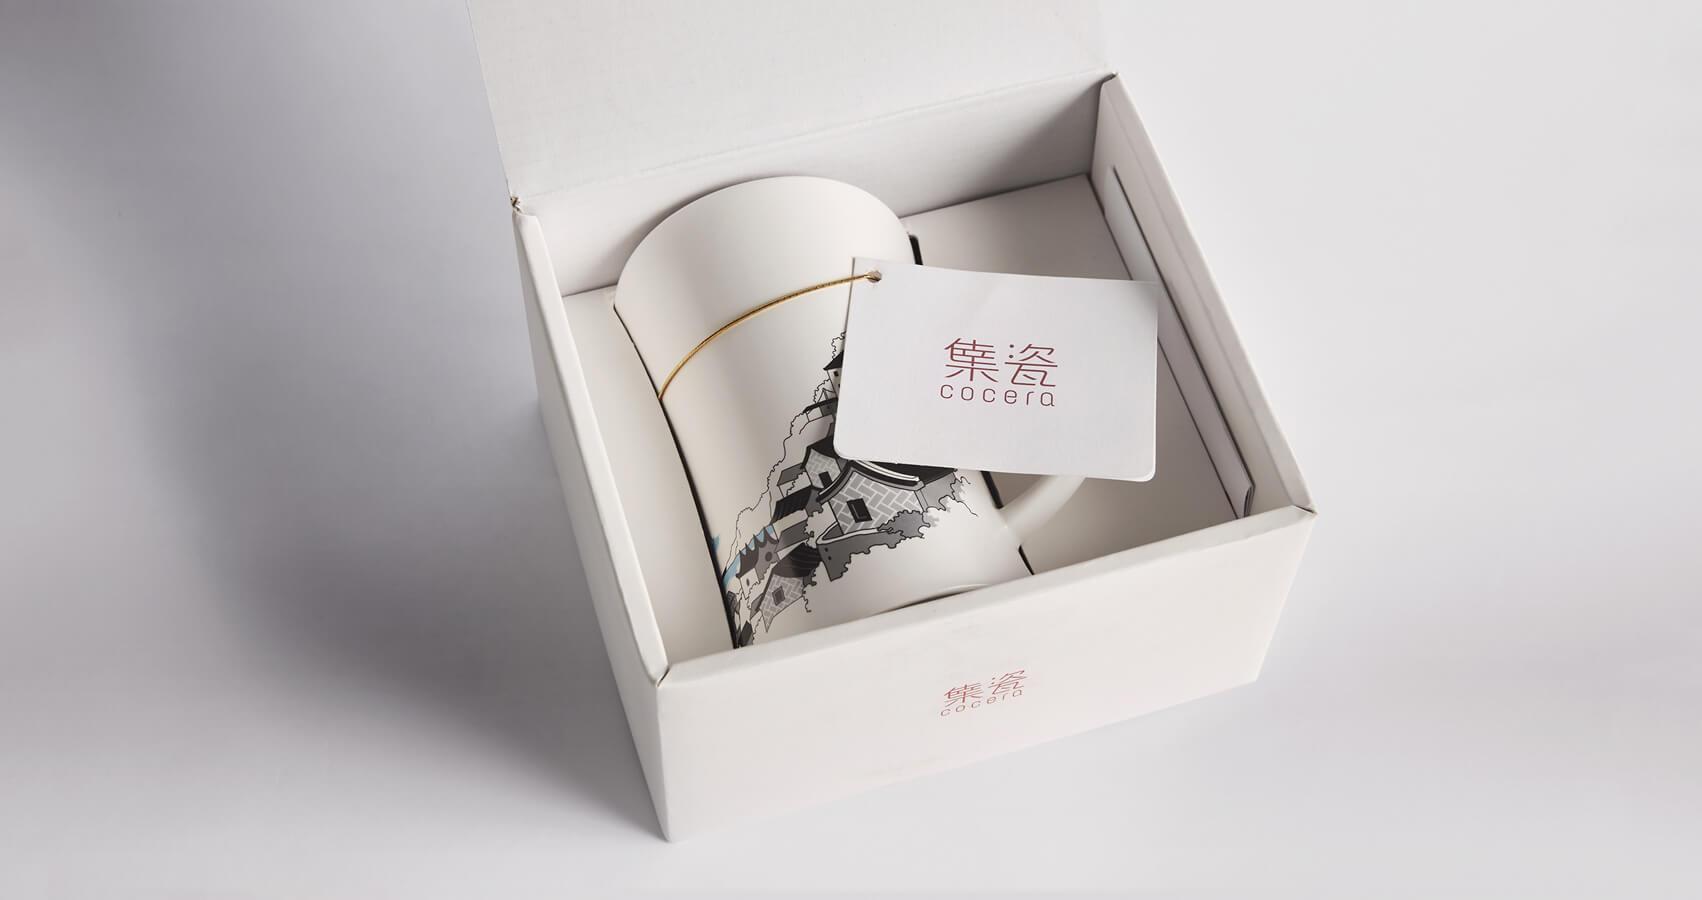 馬祖變色杯-包裝_1700x900px